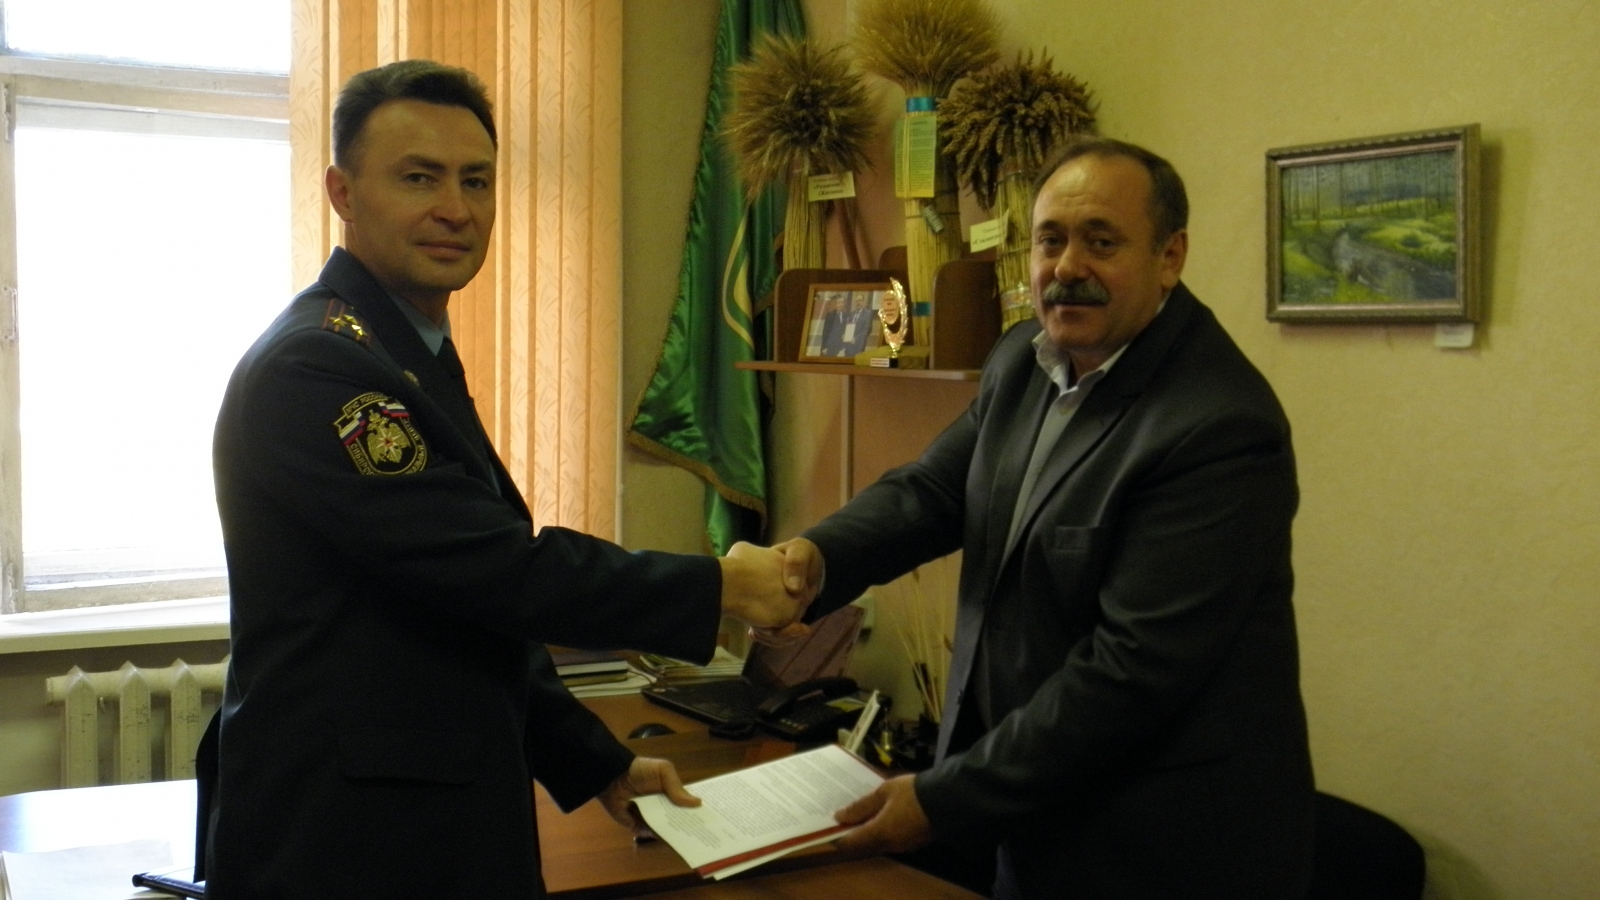 Подписано Соглашение о взаимодействии с Союзом крестьянских (фермерских) формирований Алтайского края